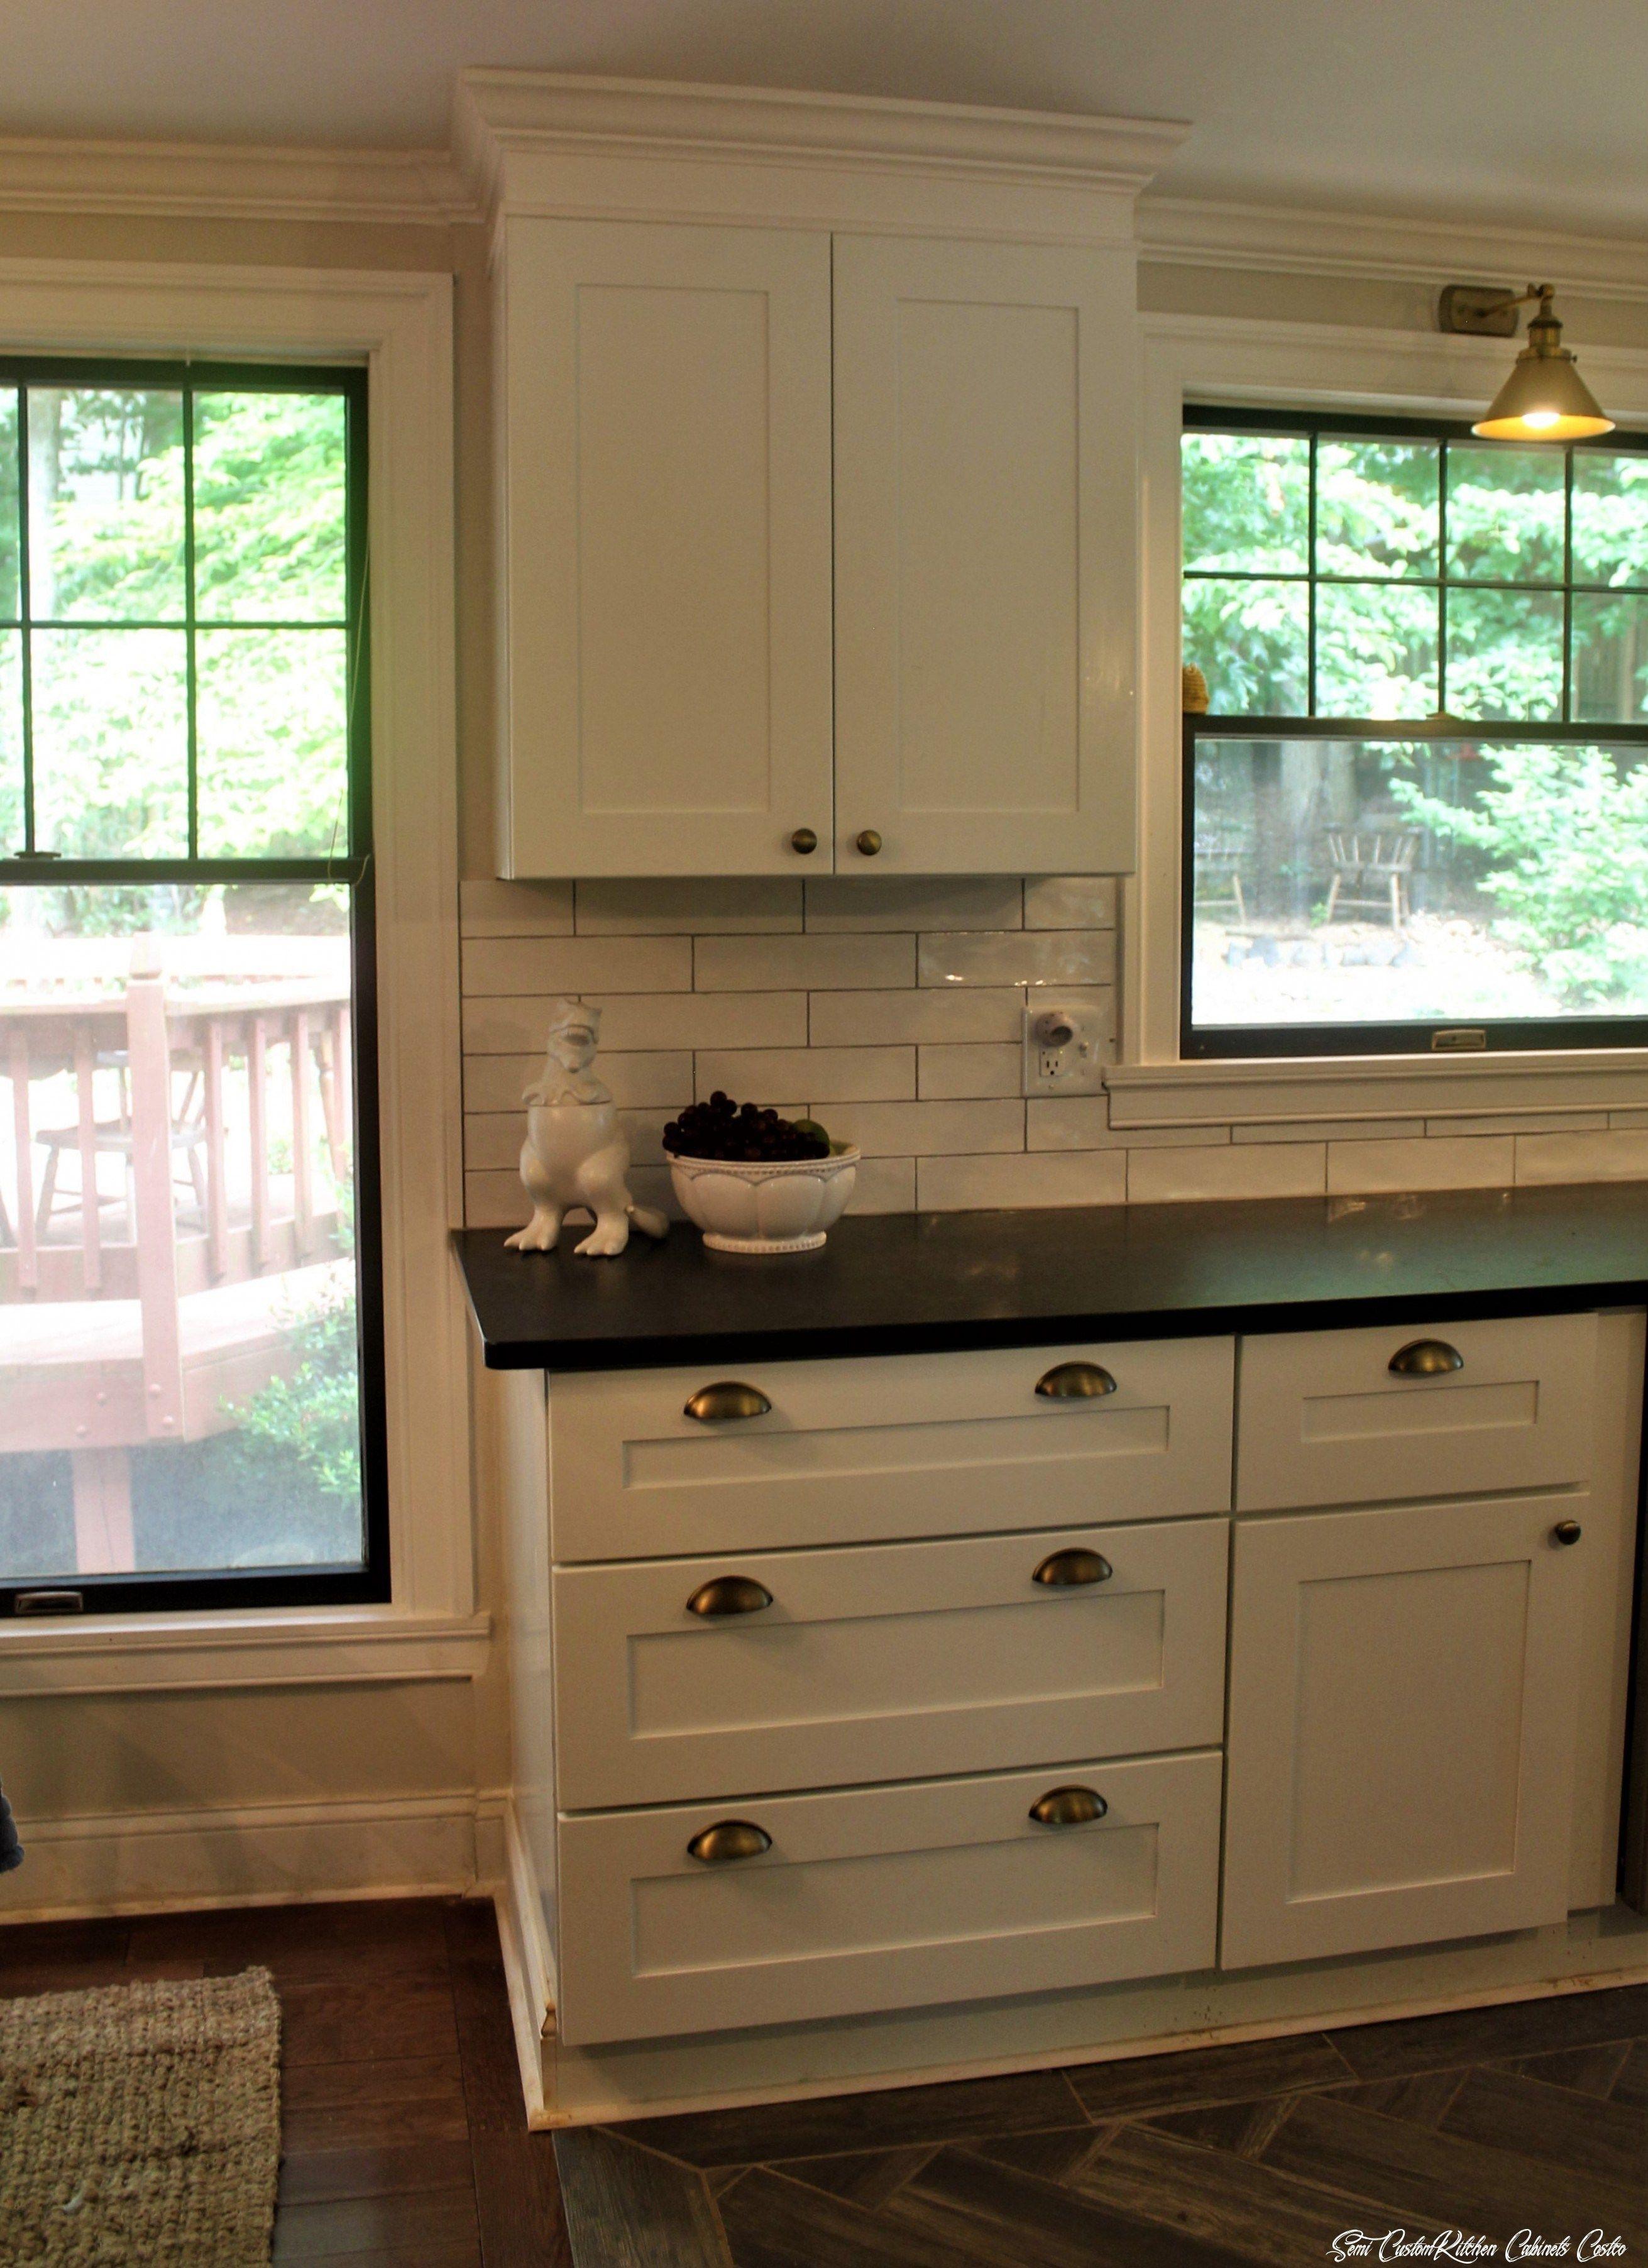 11 Semi Custom Kitchen Cabinets Costco In 2020 Semi Custom Kitchen Cabinets Custom Kitchen Cabinets Custom Kitchen